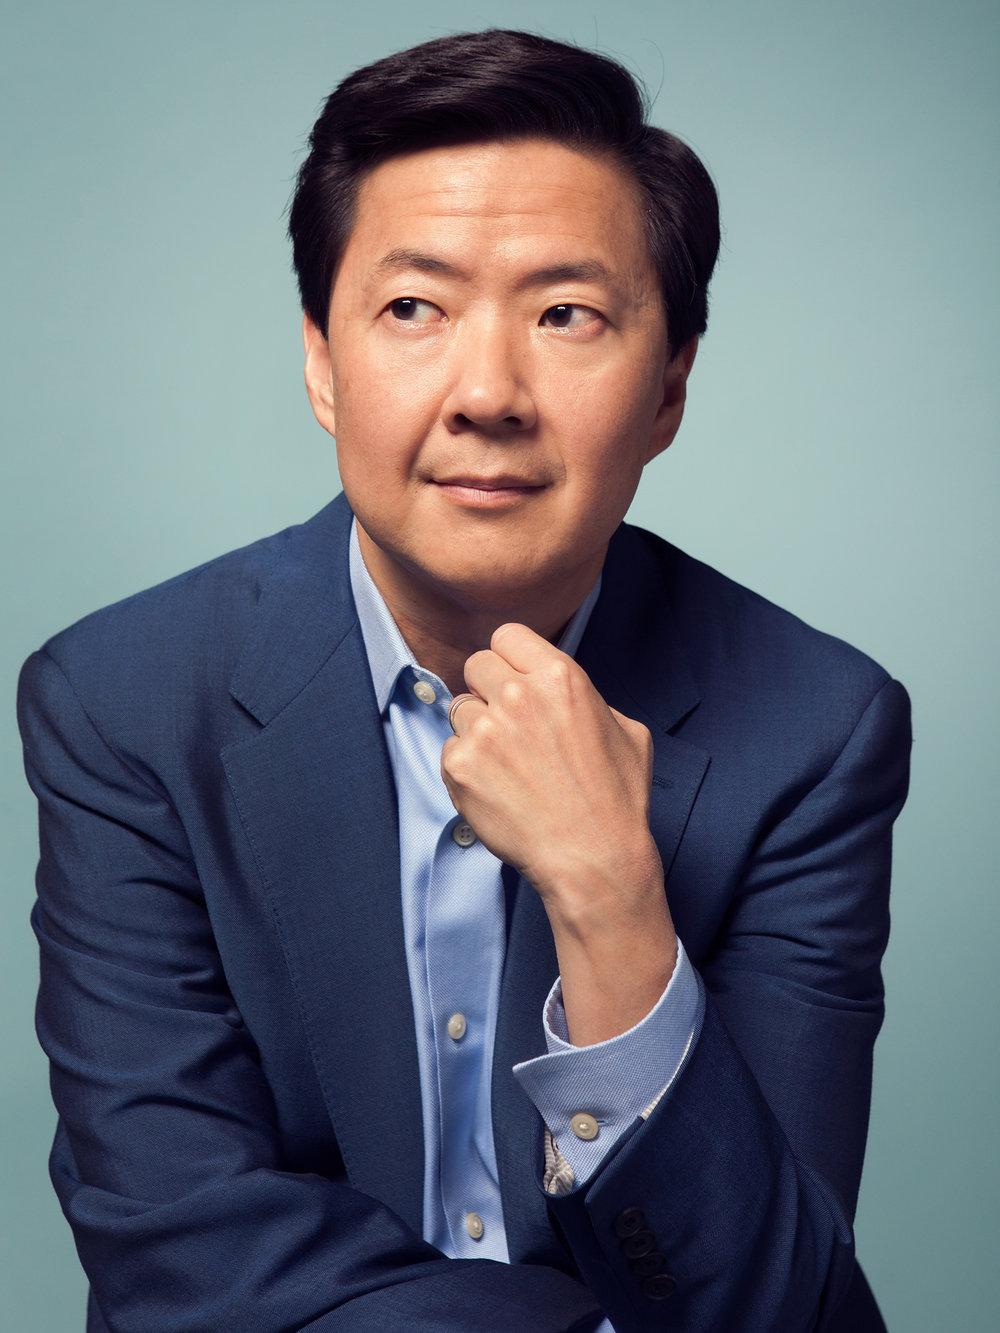 Ken Jeong, Actor, Comedian